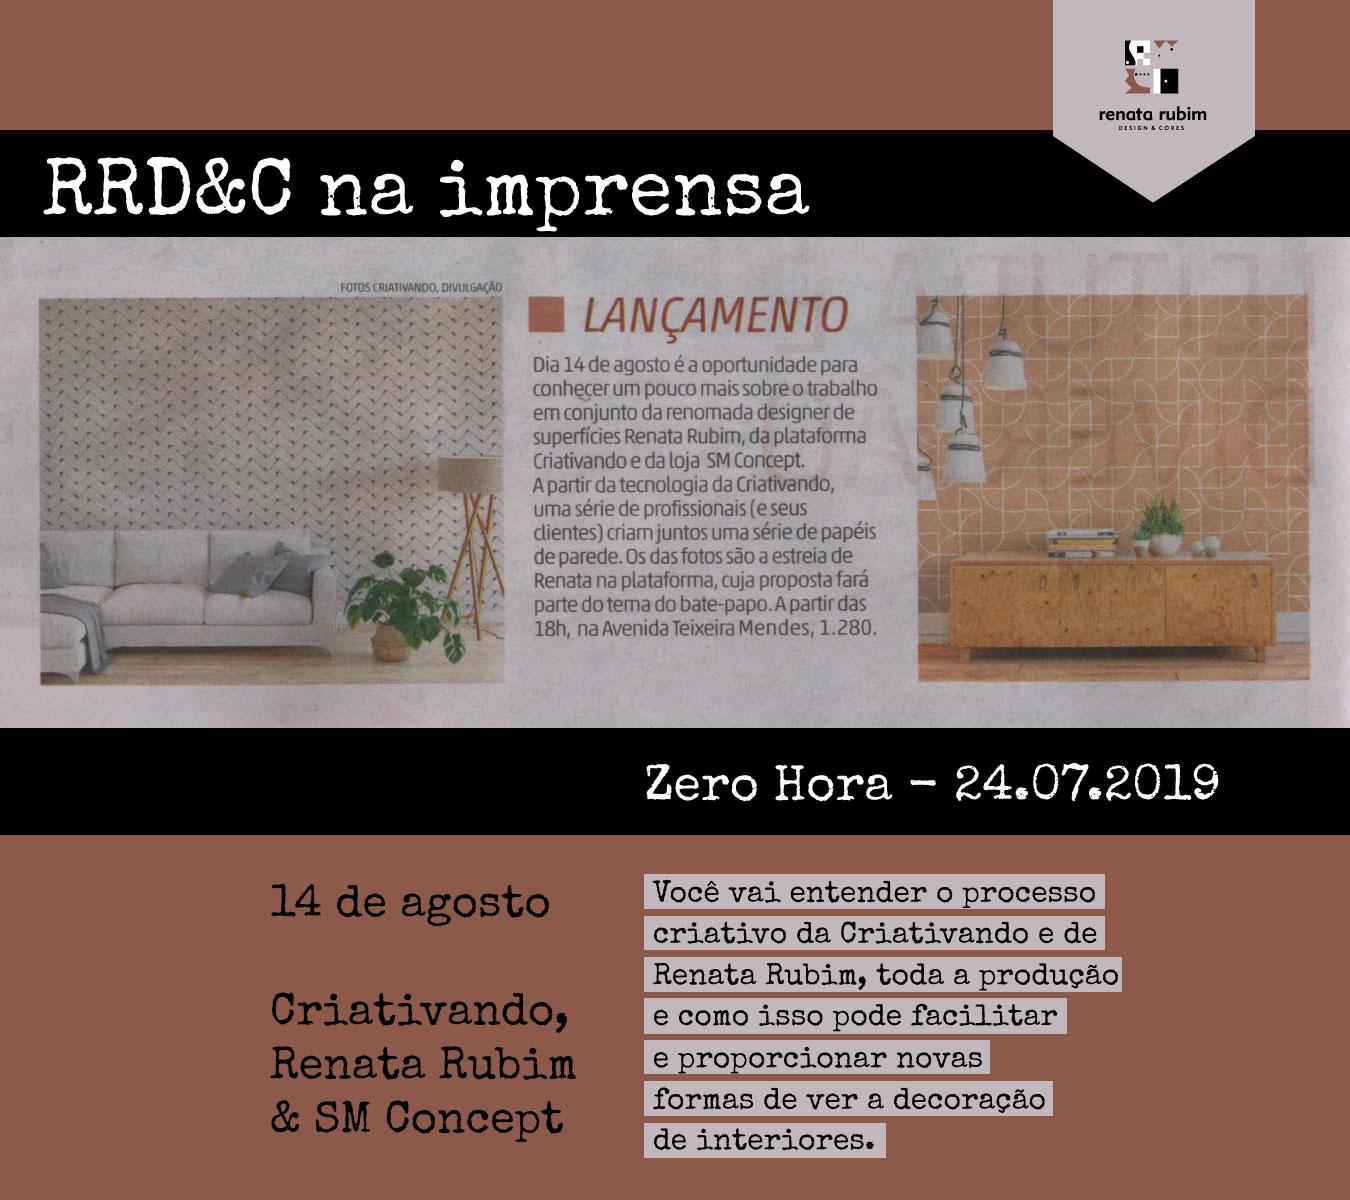 Renata Rubim, Criativando e SM Concept - ZH